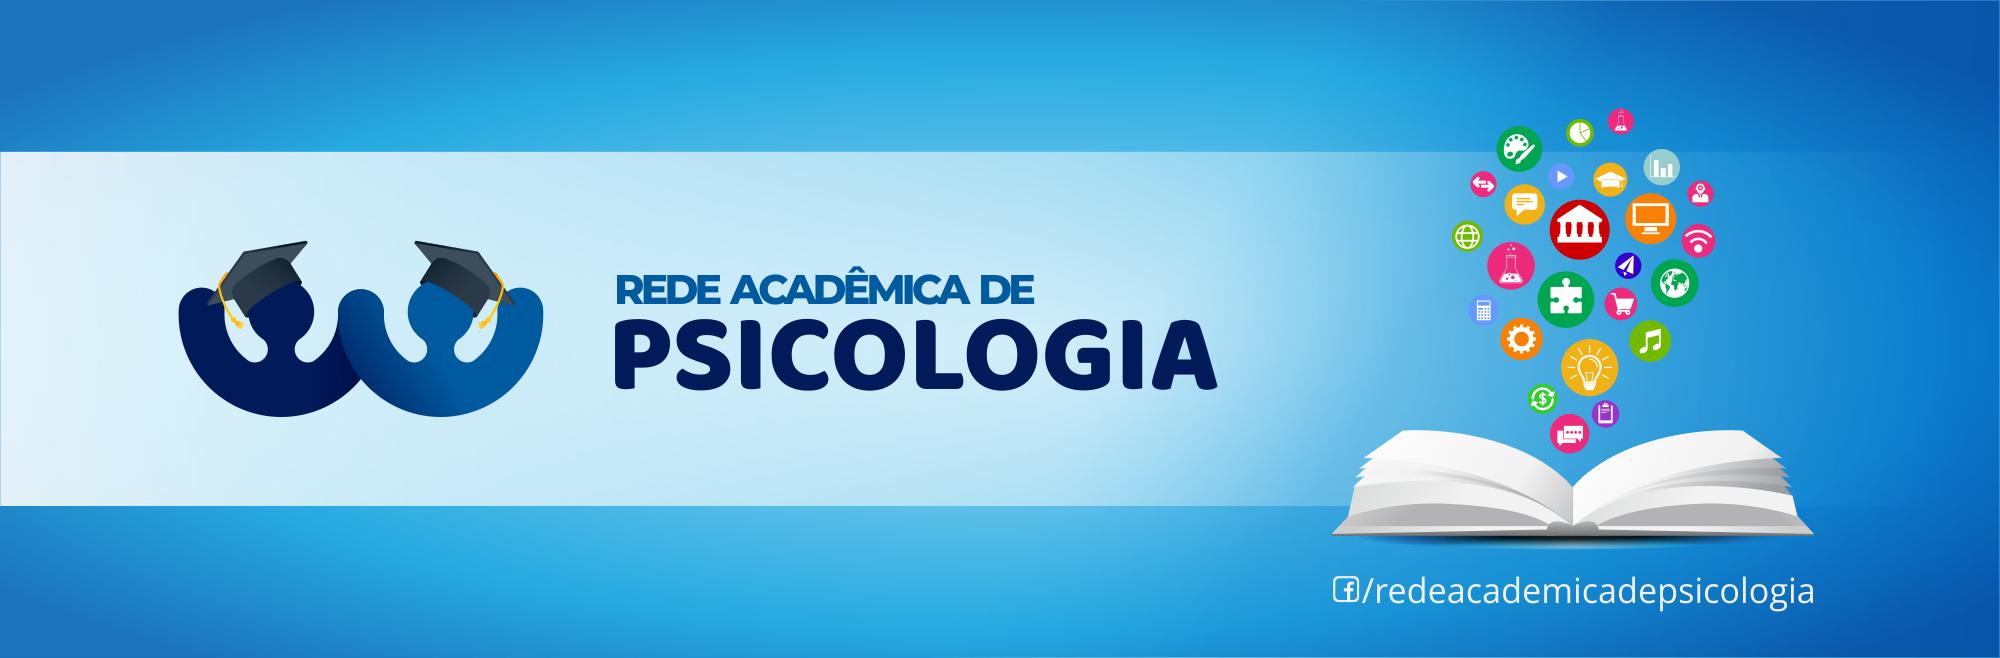 REDE ACADÊMICA DE PSICOLOGIA